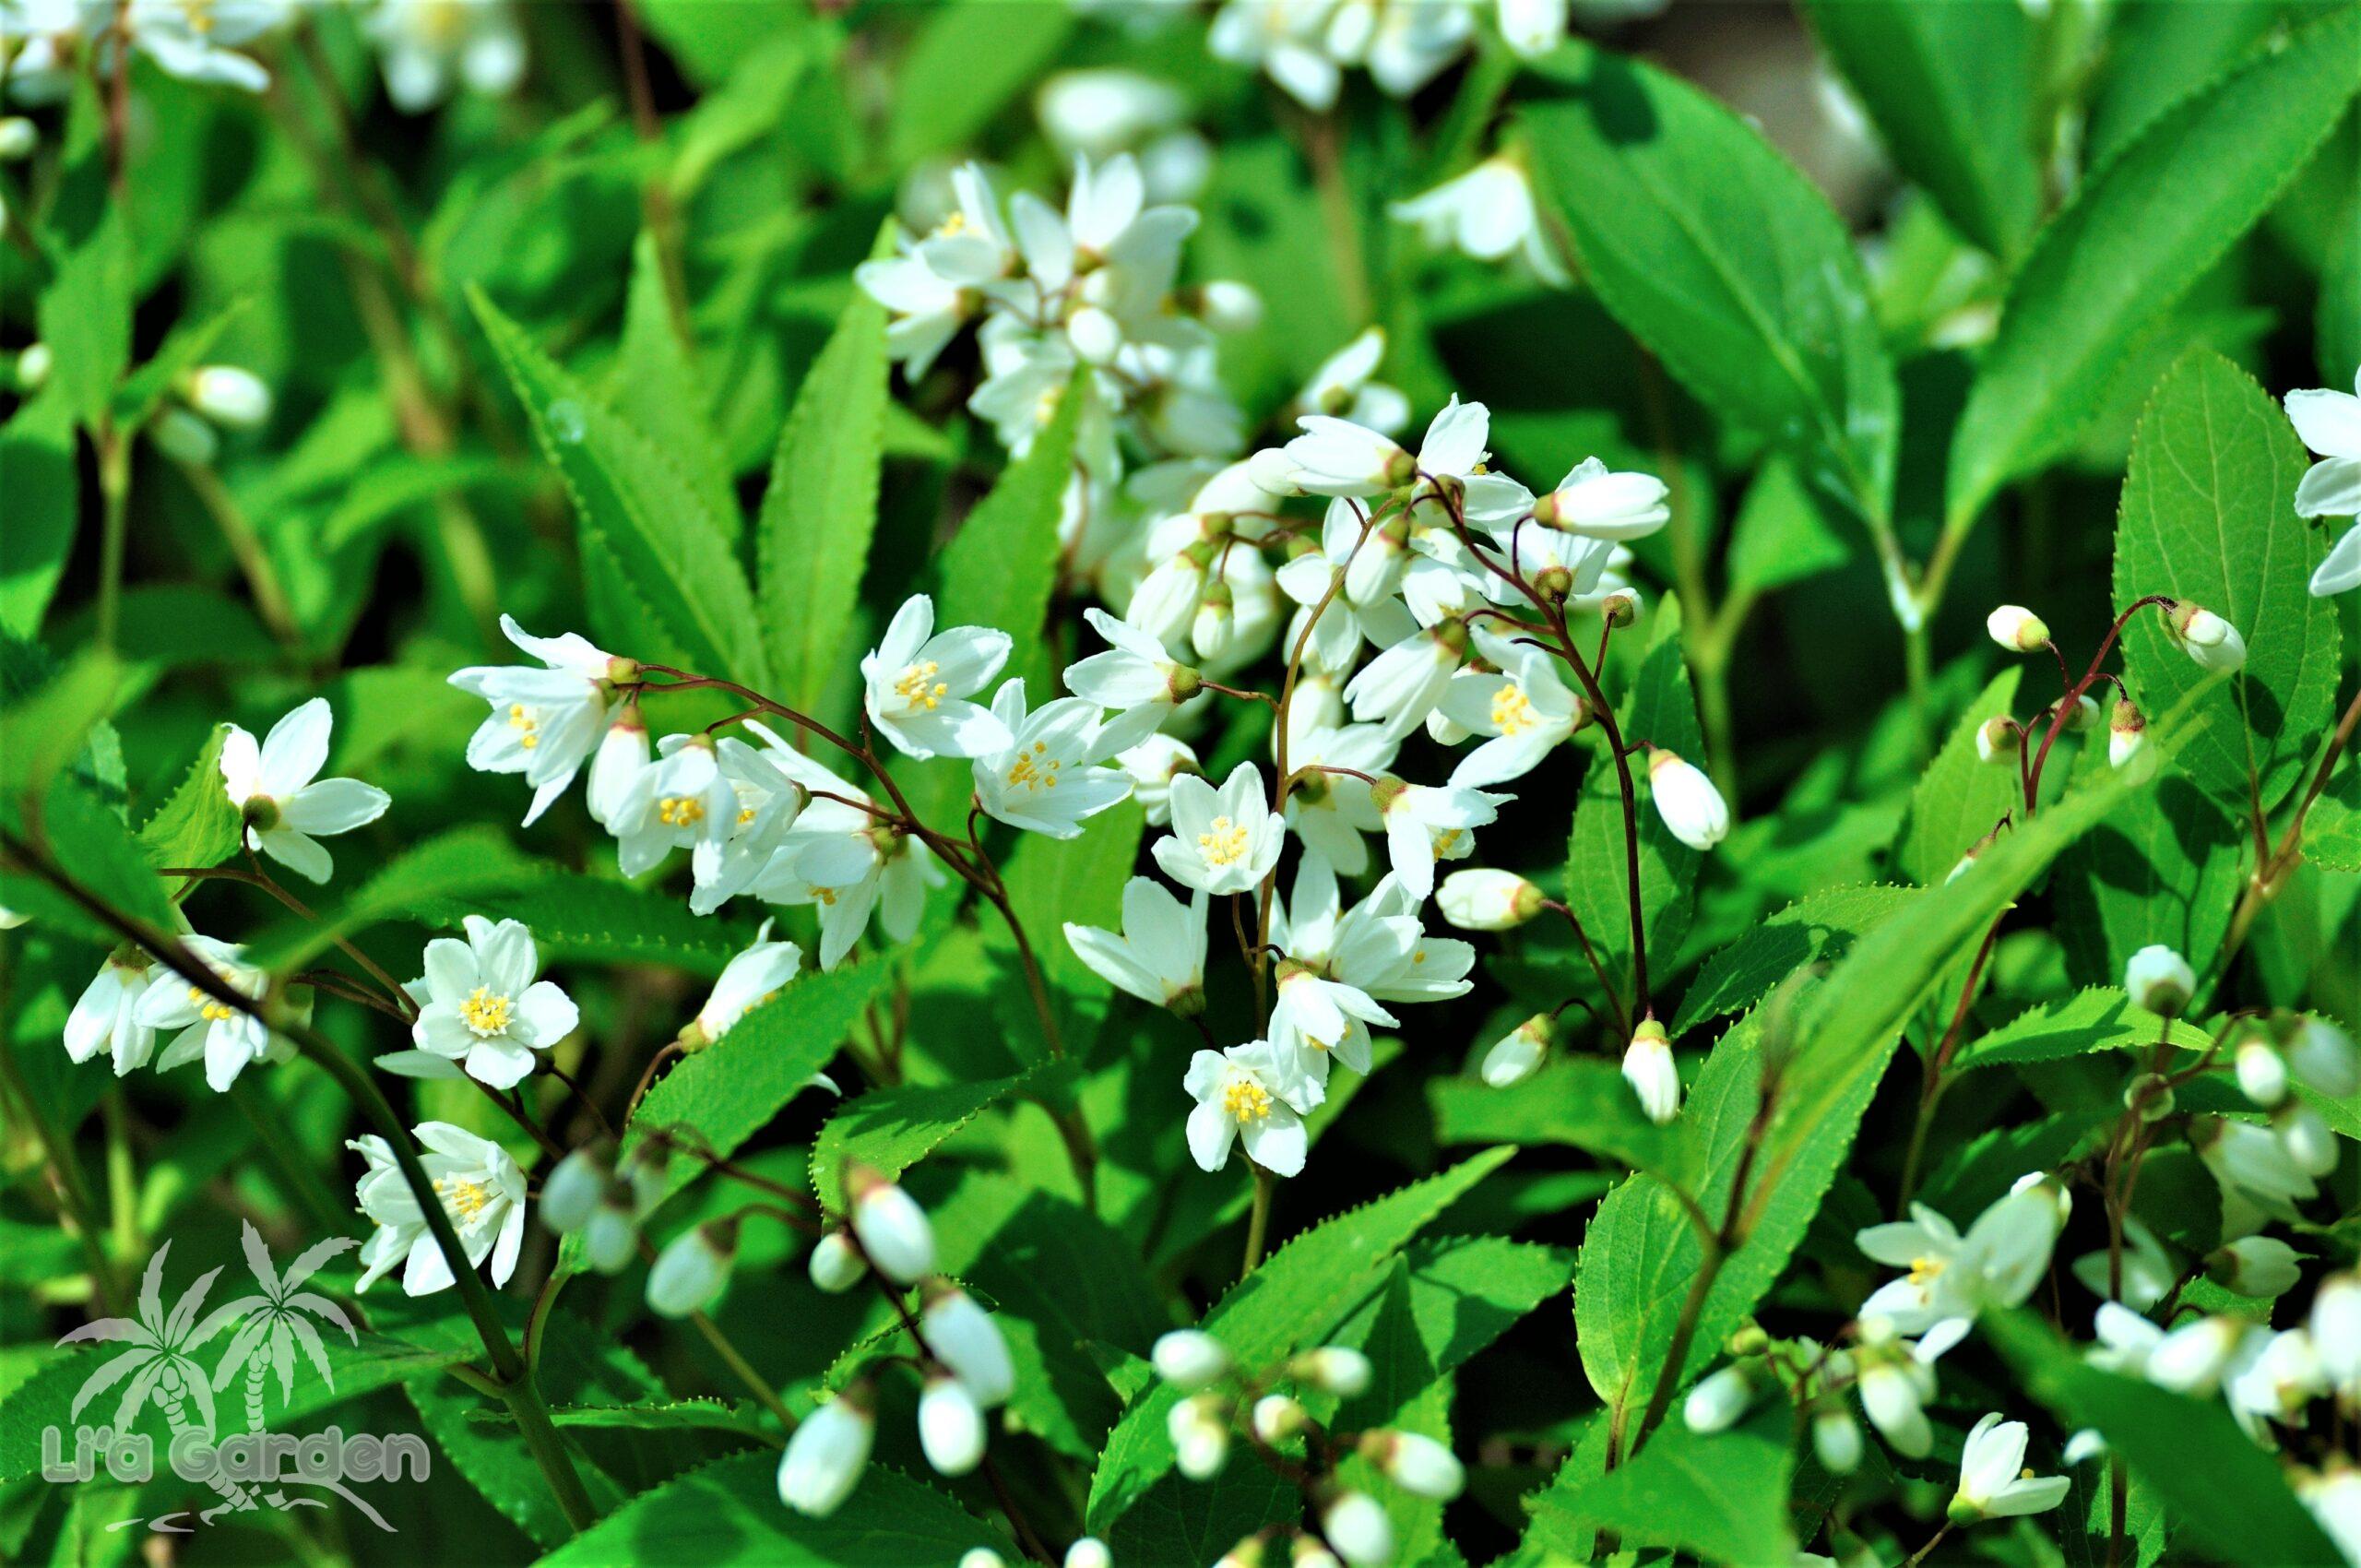 【低木】 ヒメウツギ Deutzia gracilis 〈落葉広葉樹〉